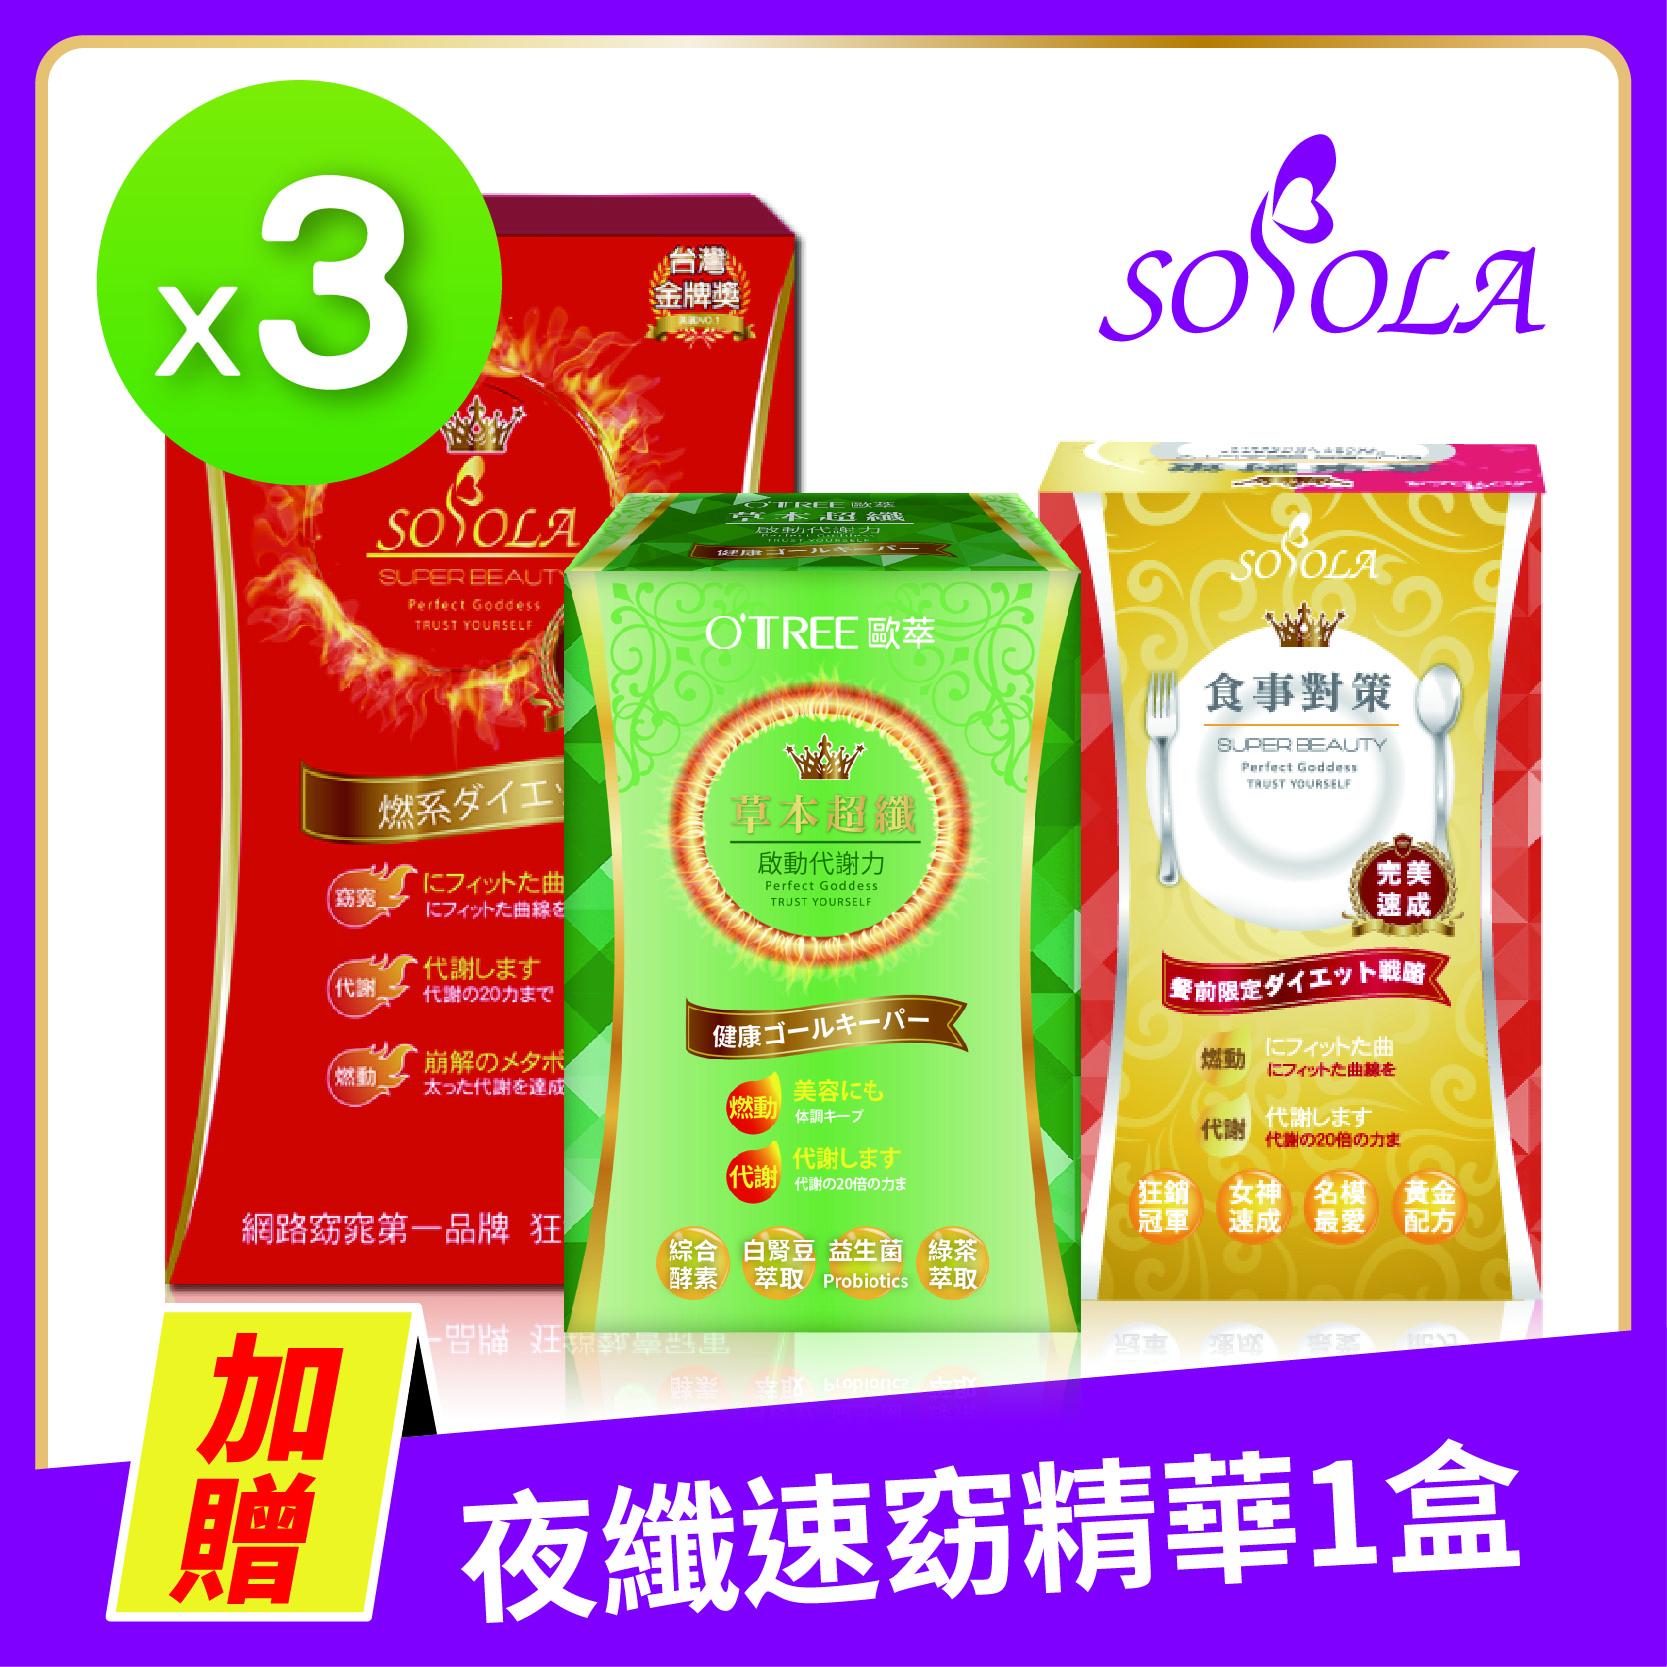 【SOSOLA】超燃素+抑阻速窈精華+草本超纖膠囊(3組)